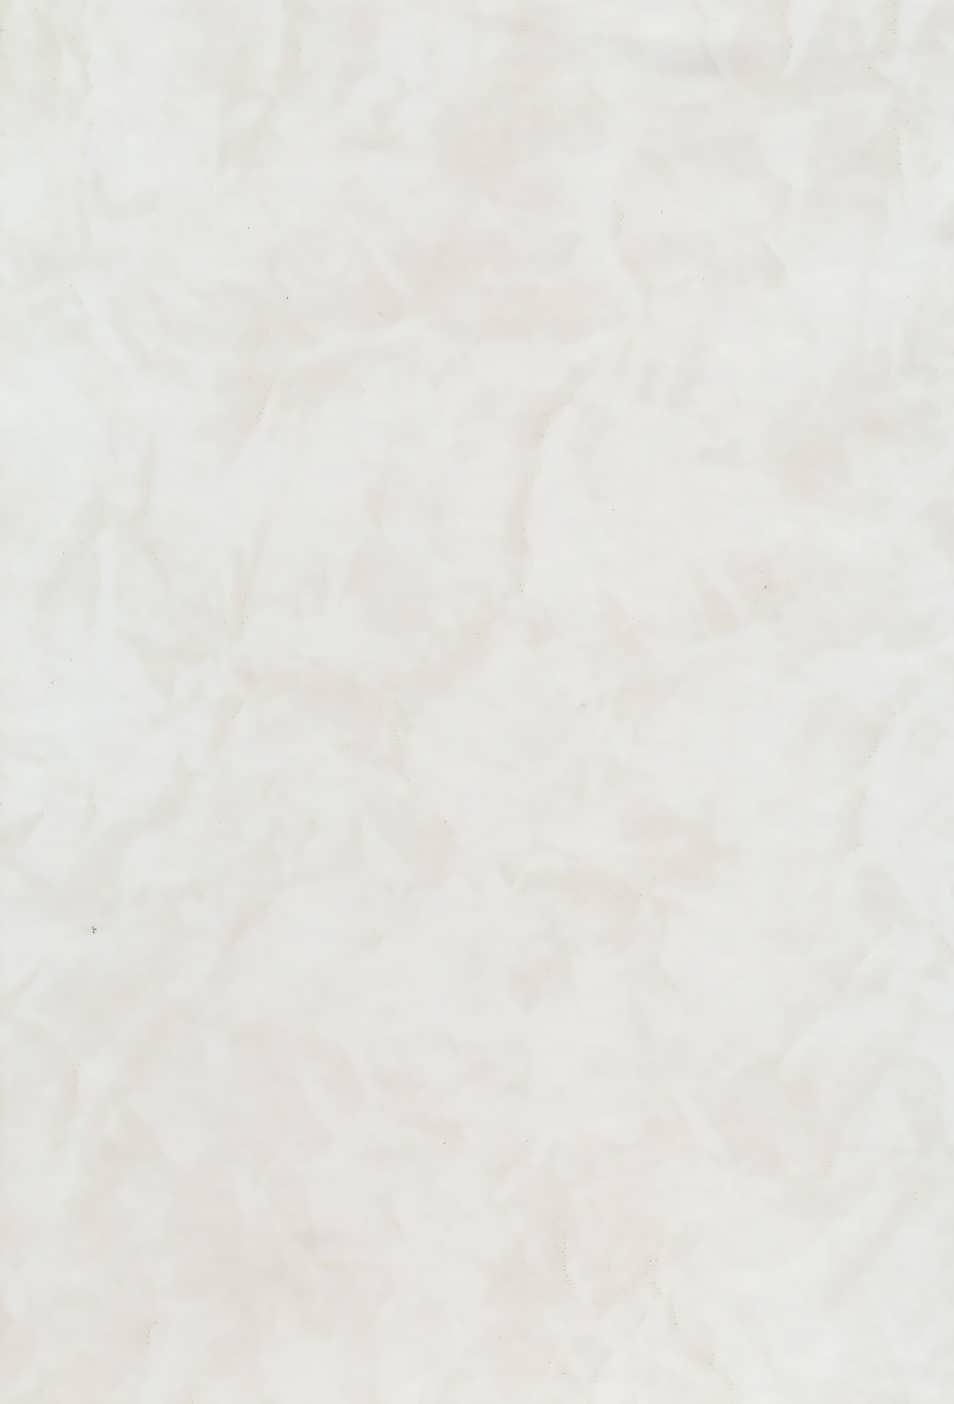 قرآن کریم16 (باقاب)